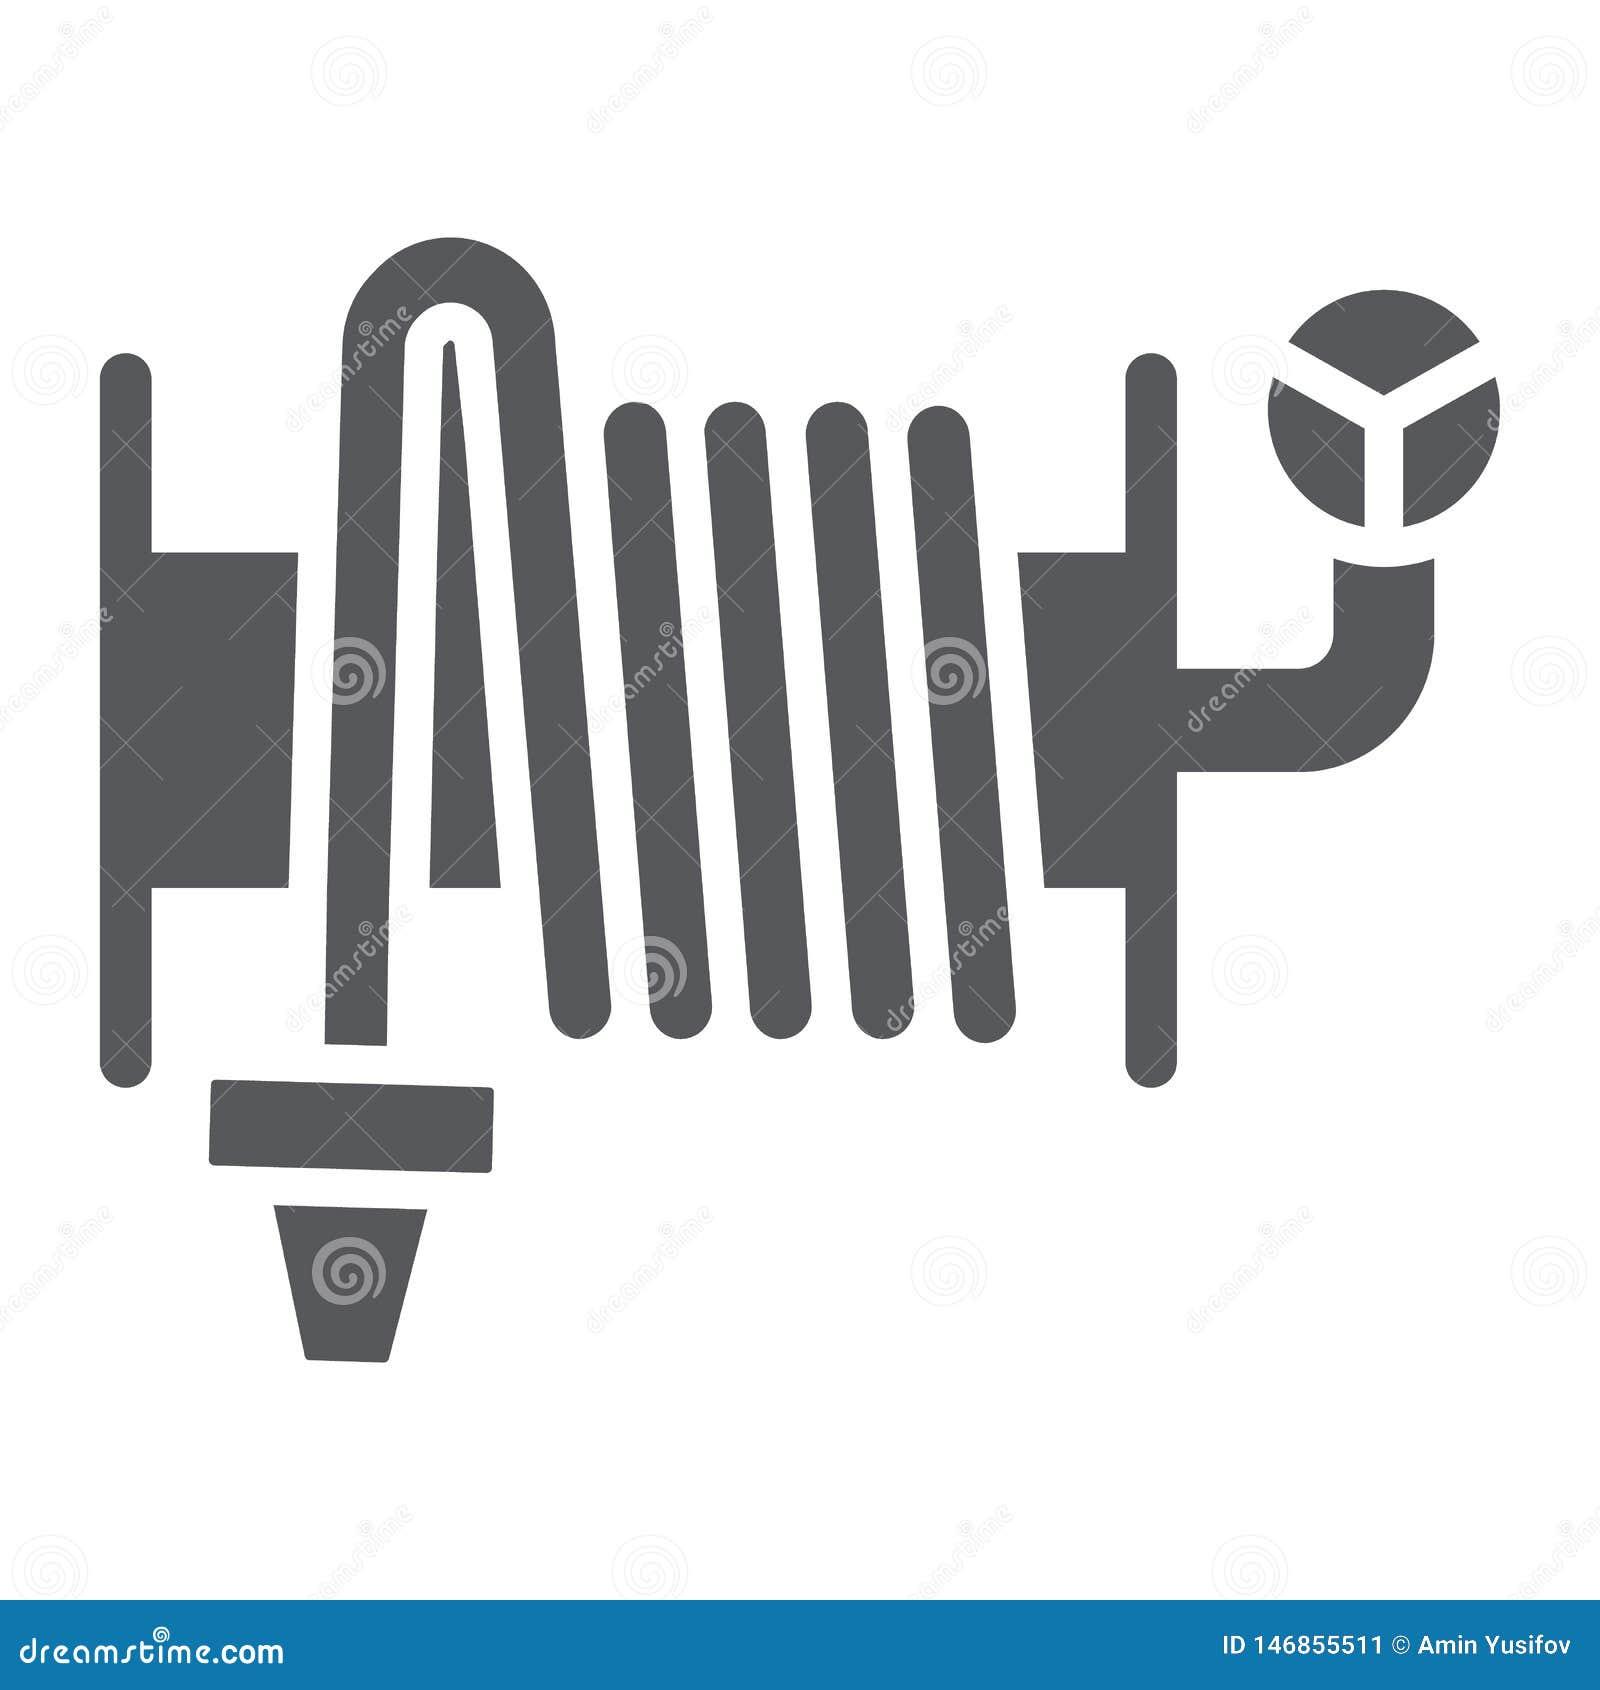 Значок глифа пожарного рукава, оборудование и вода, знак вьюрка шланга, векторные графики, твердая картина на белой предпосылке